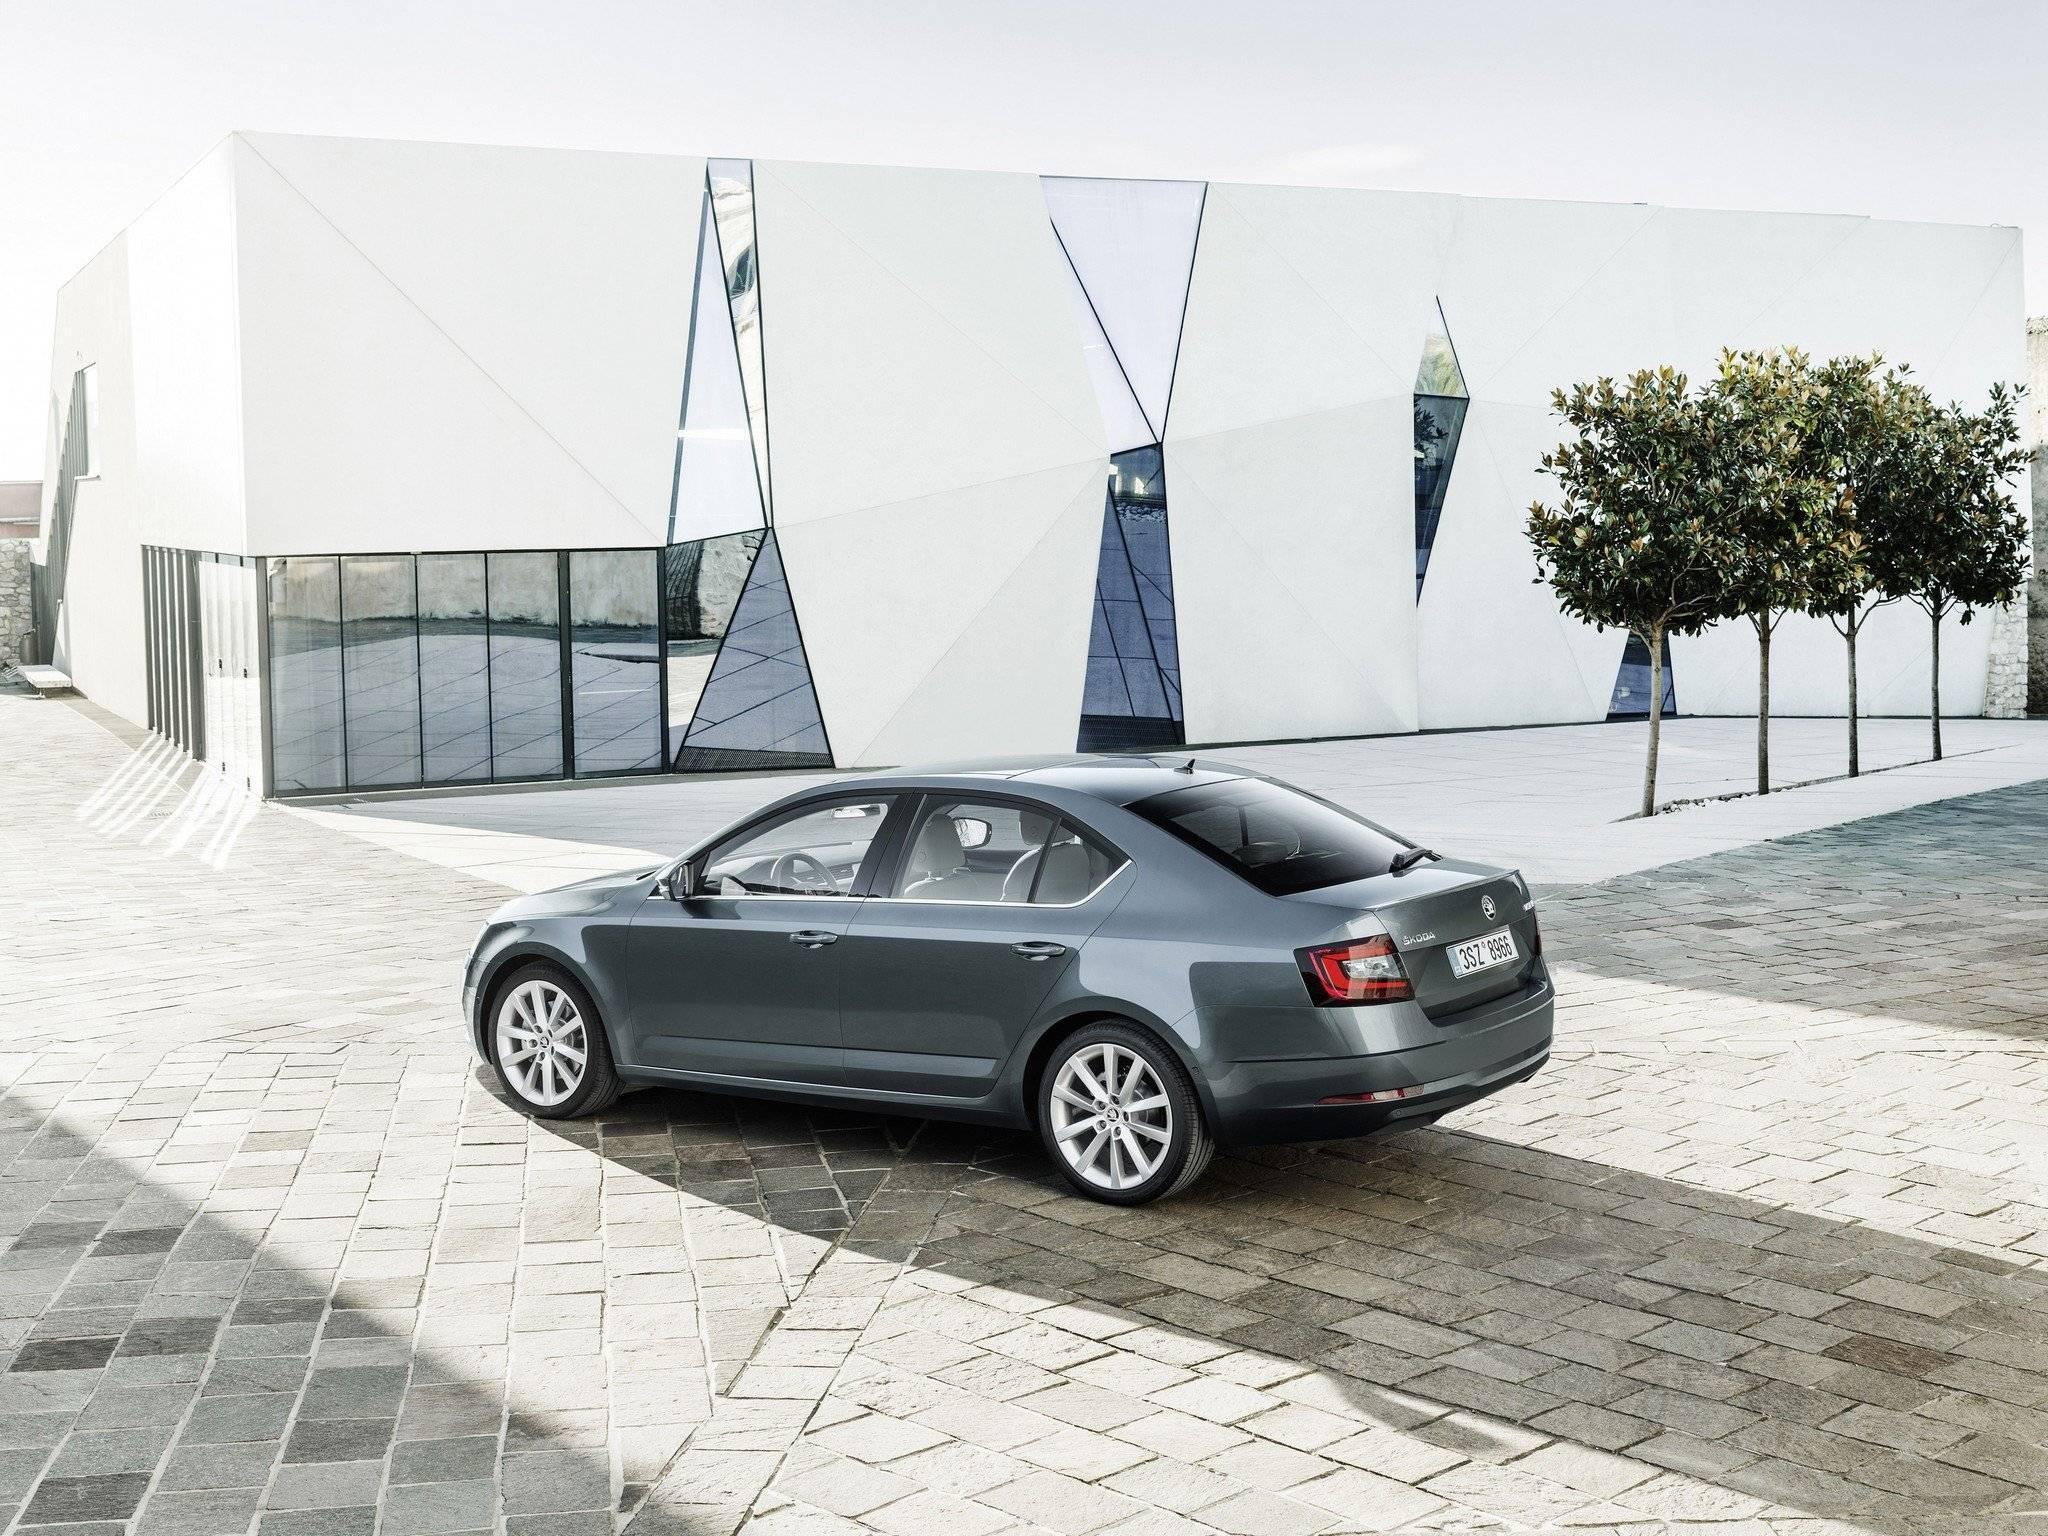 Что купить вместо новой Skoda Octavia: пять лучших альтернатив со вторичного рынка